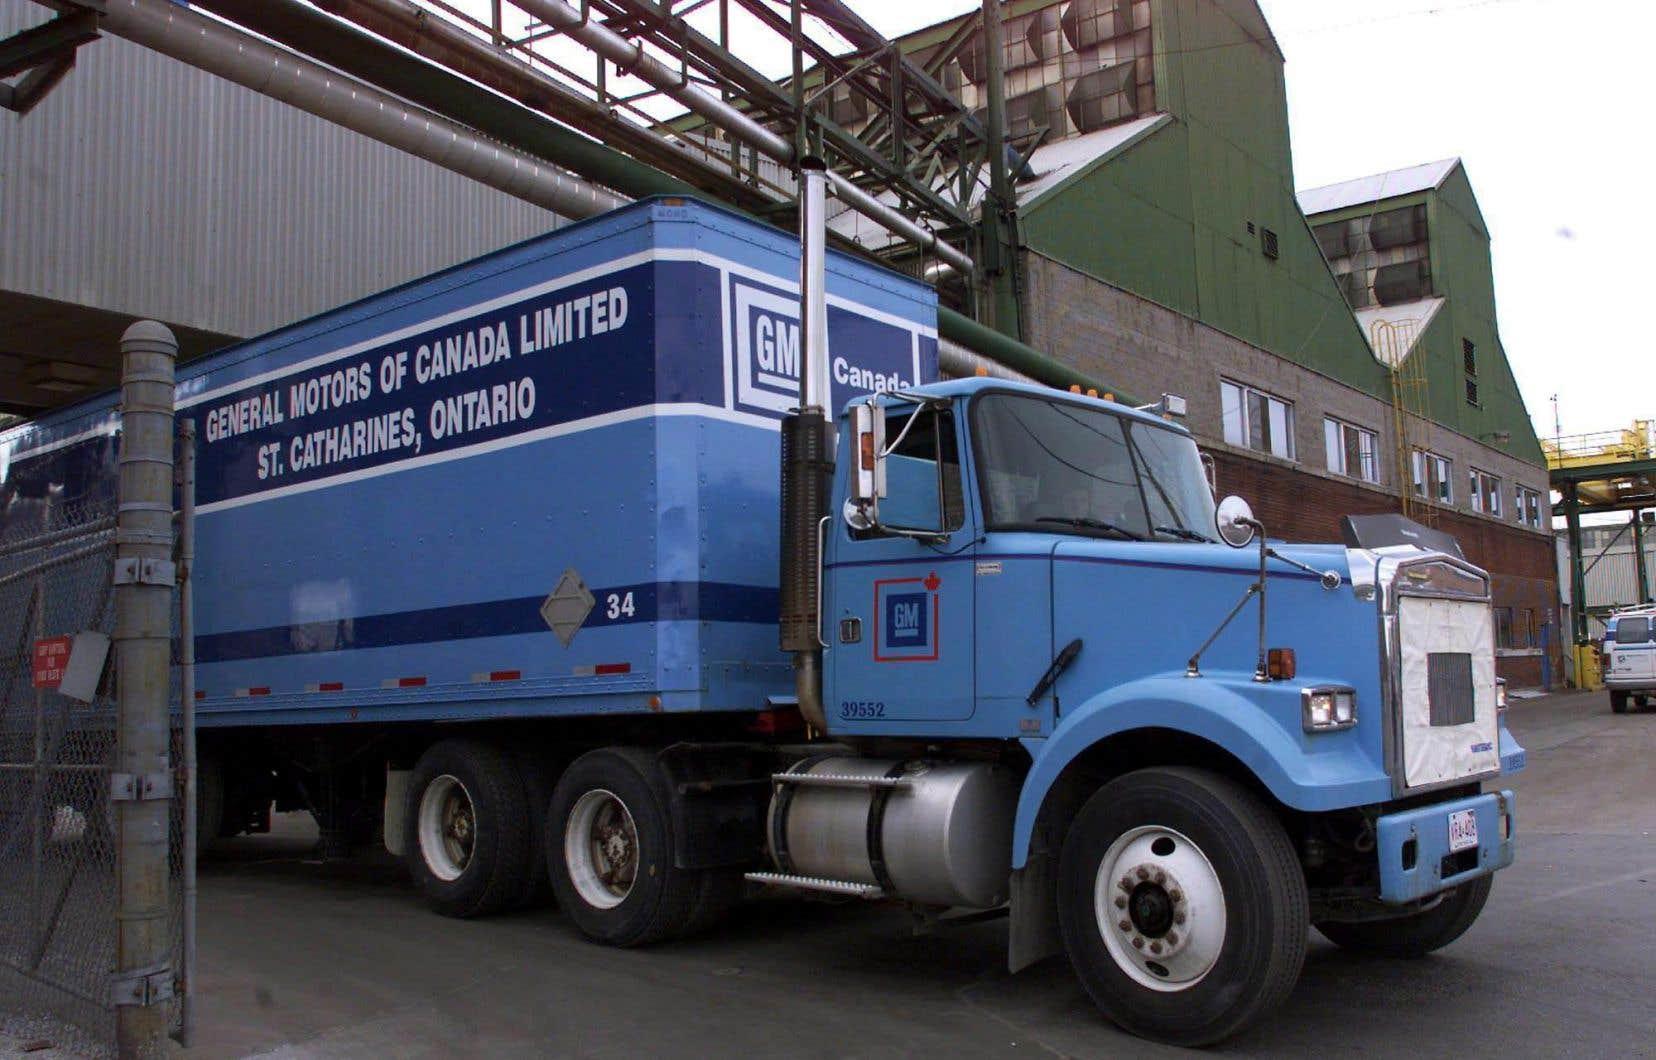 Selon General Motors, environ 730 employés étaient en congé après l'interruption, lundi, de la production de moteurs dans son usine deSt. Catharines, en Ontario.